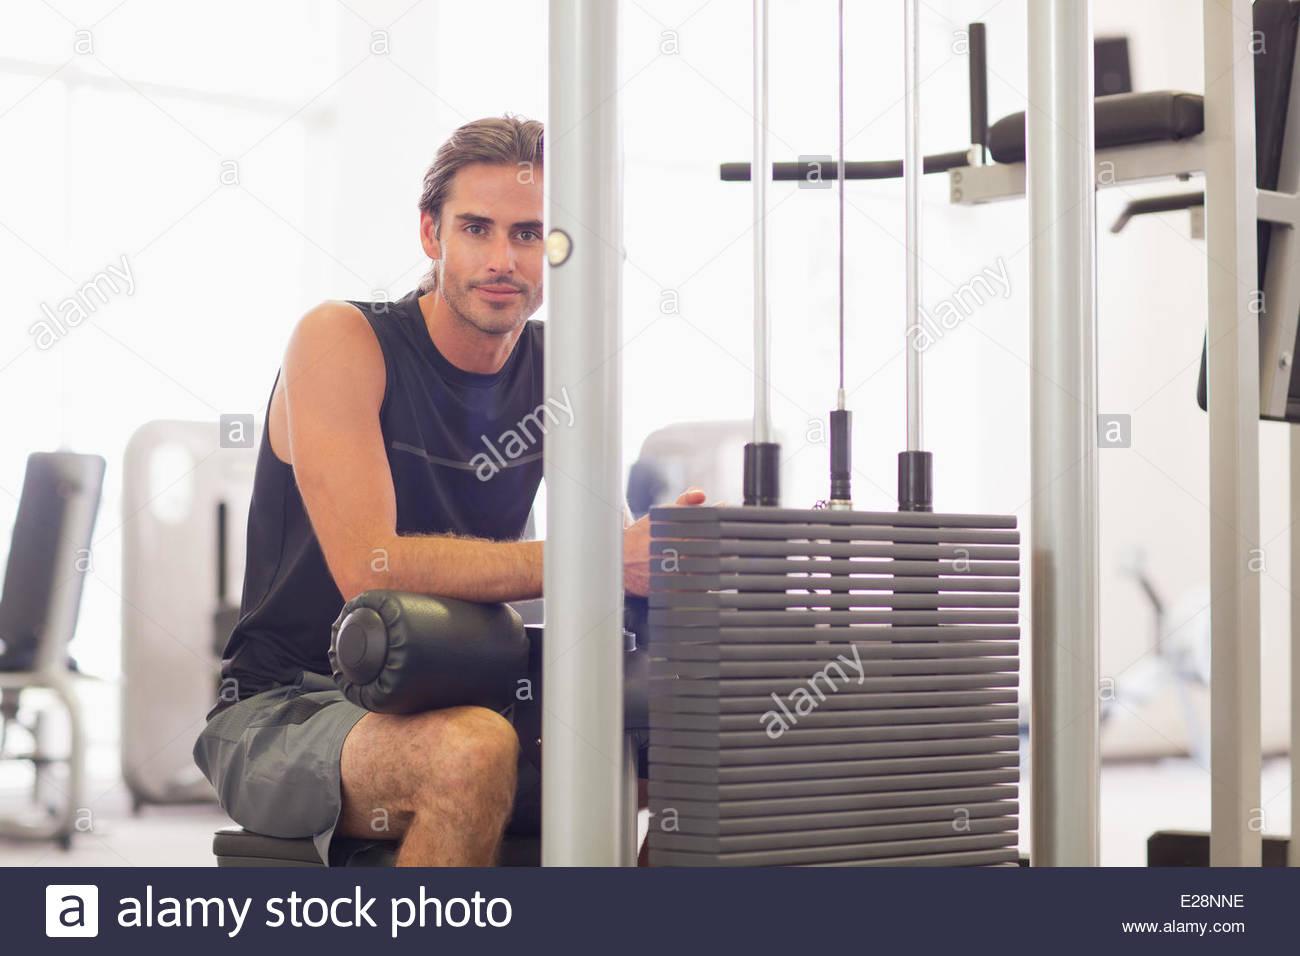 Retrato del hombre sonriente utilizando equipo de ejercicio en el gimnasio Imagen De Stock